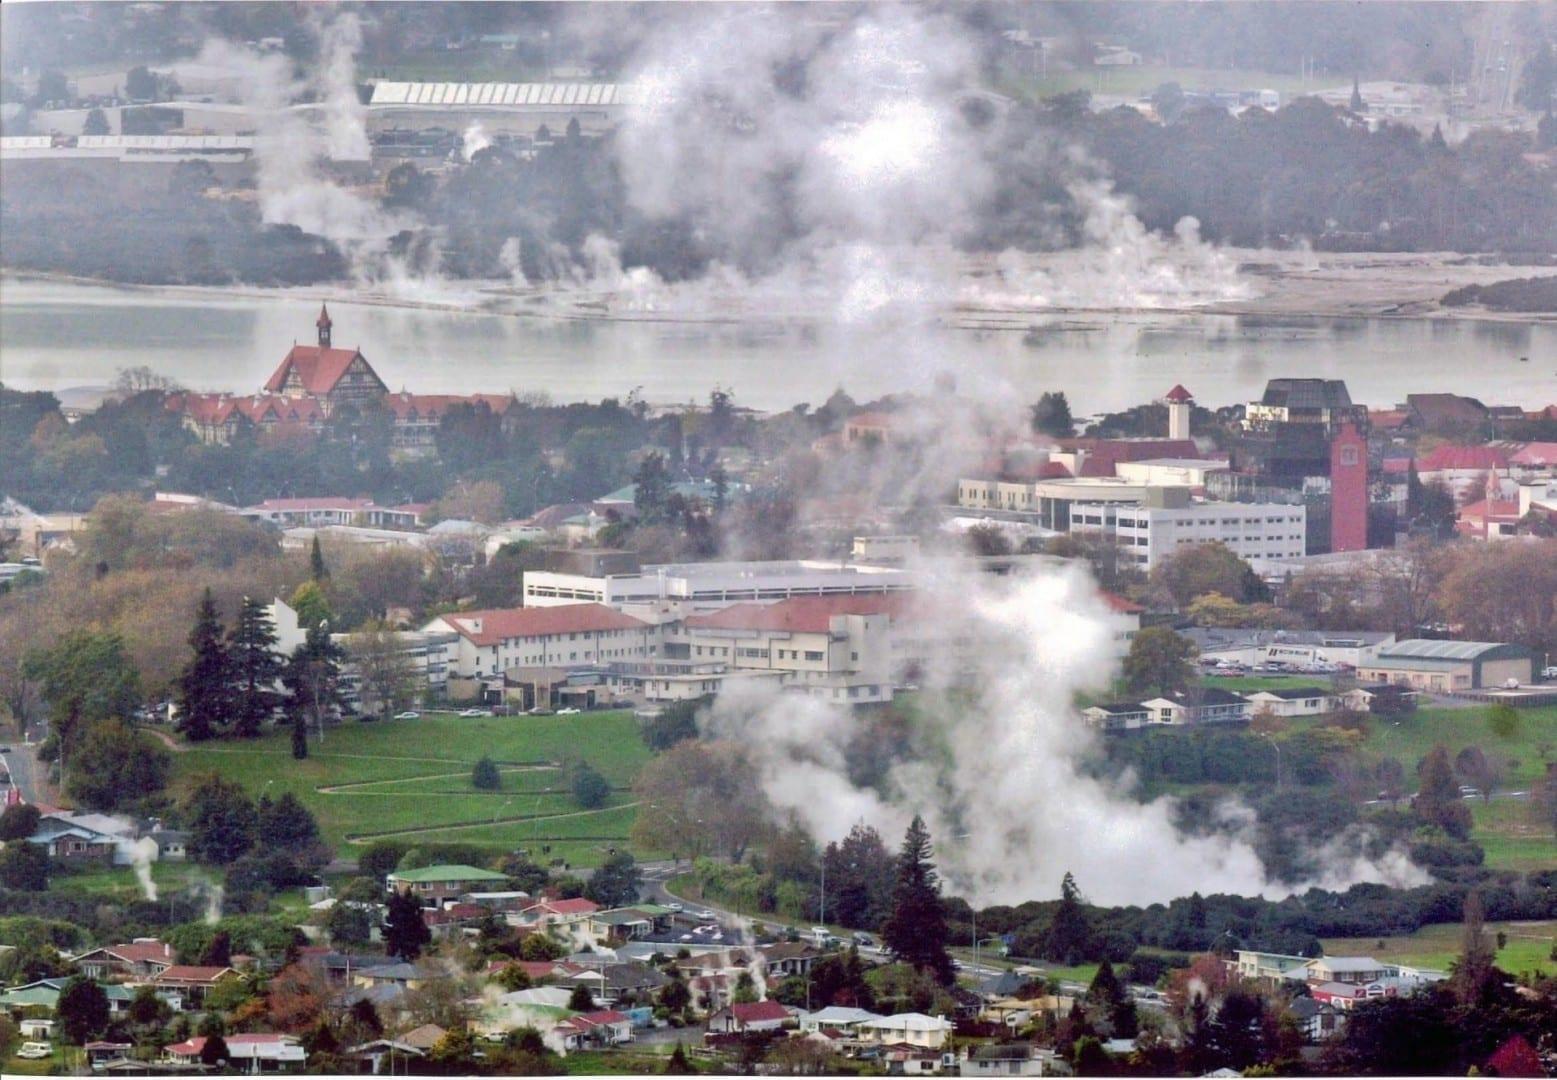 La ciudad de Rotorua y su habitual vapor geotérmico Rotorua Nueva Zelanda